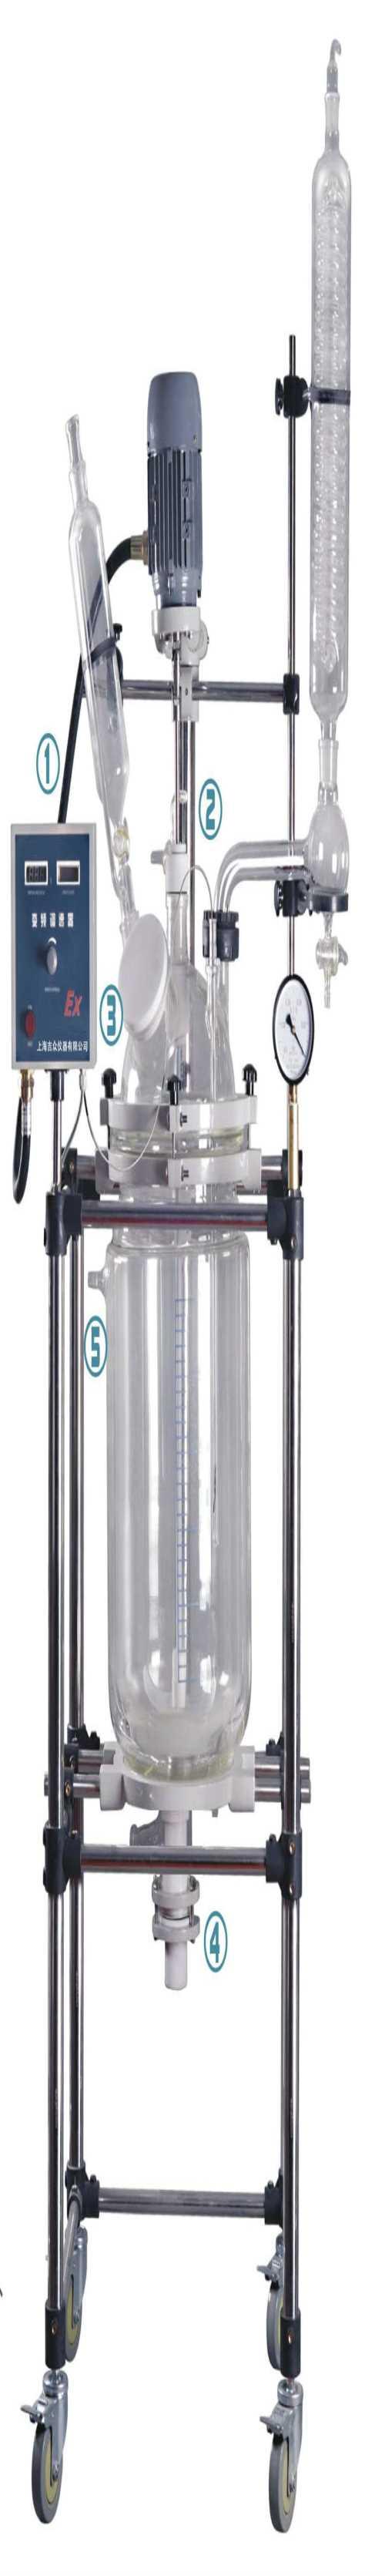 供应双层玻璃反应器现货 3L旋转蒸发仪 上海吉众生物科技有限公司